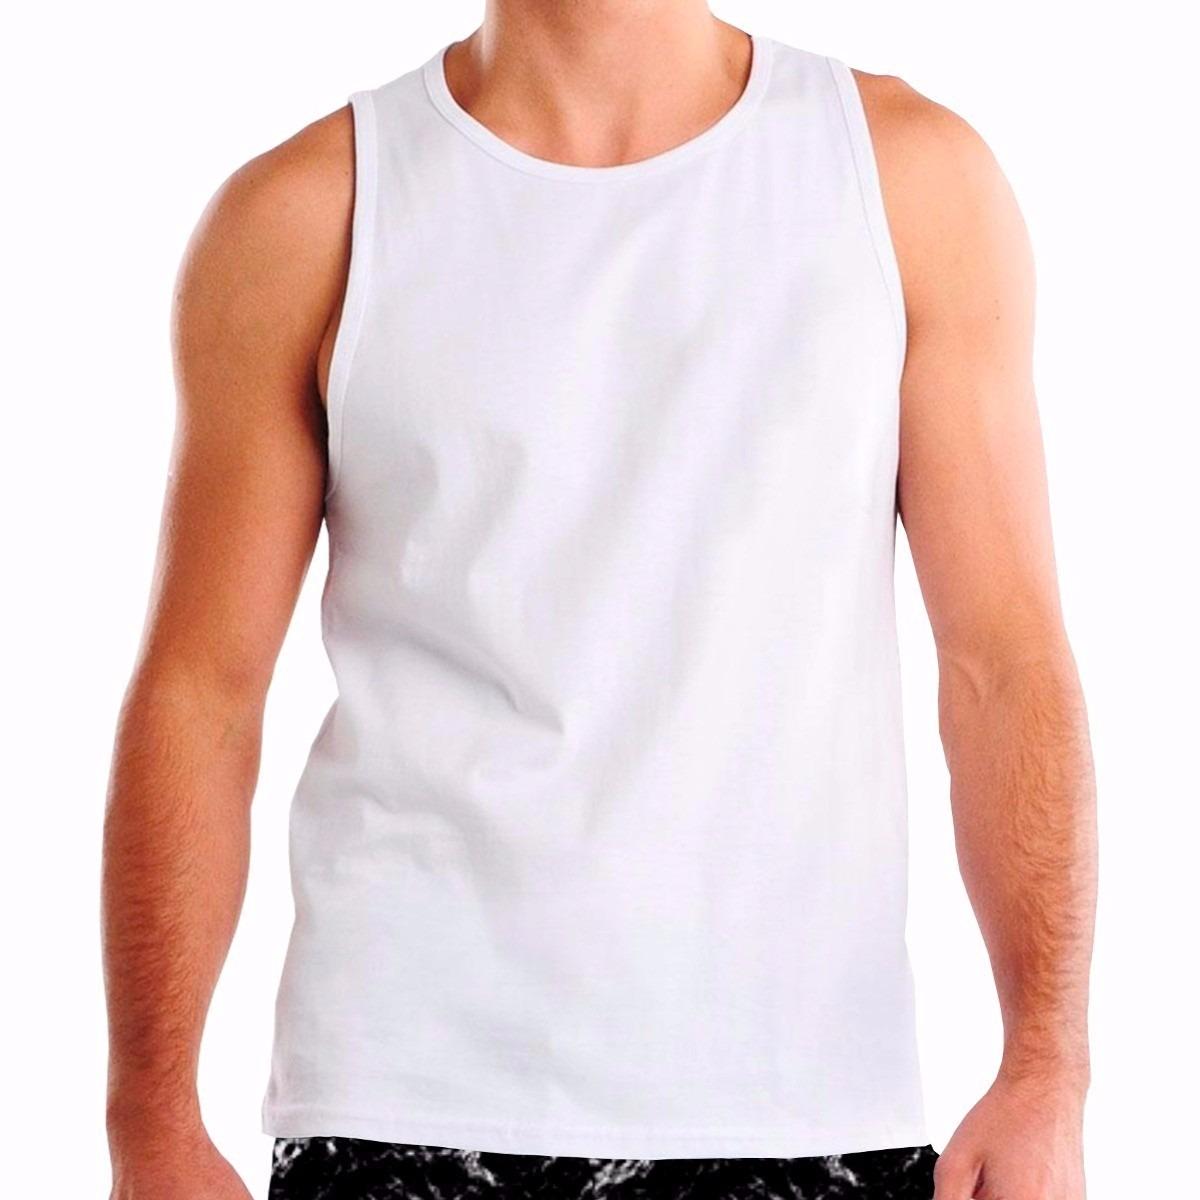 380c7637ceca4 camiseta kit c  10 peças regata 100% algodão frete grátis. Carregando zoom.